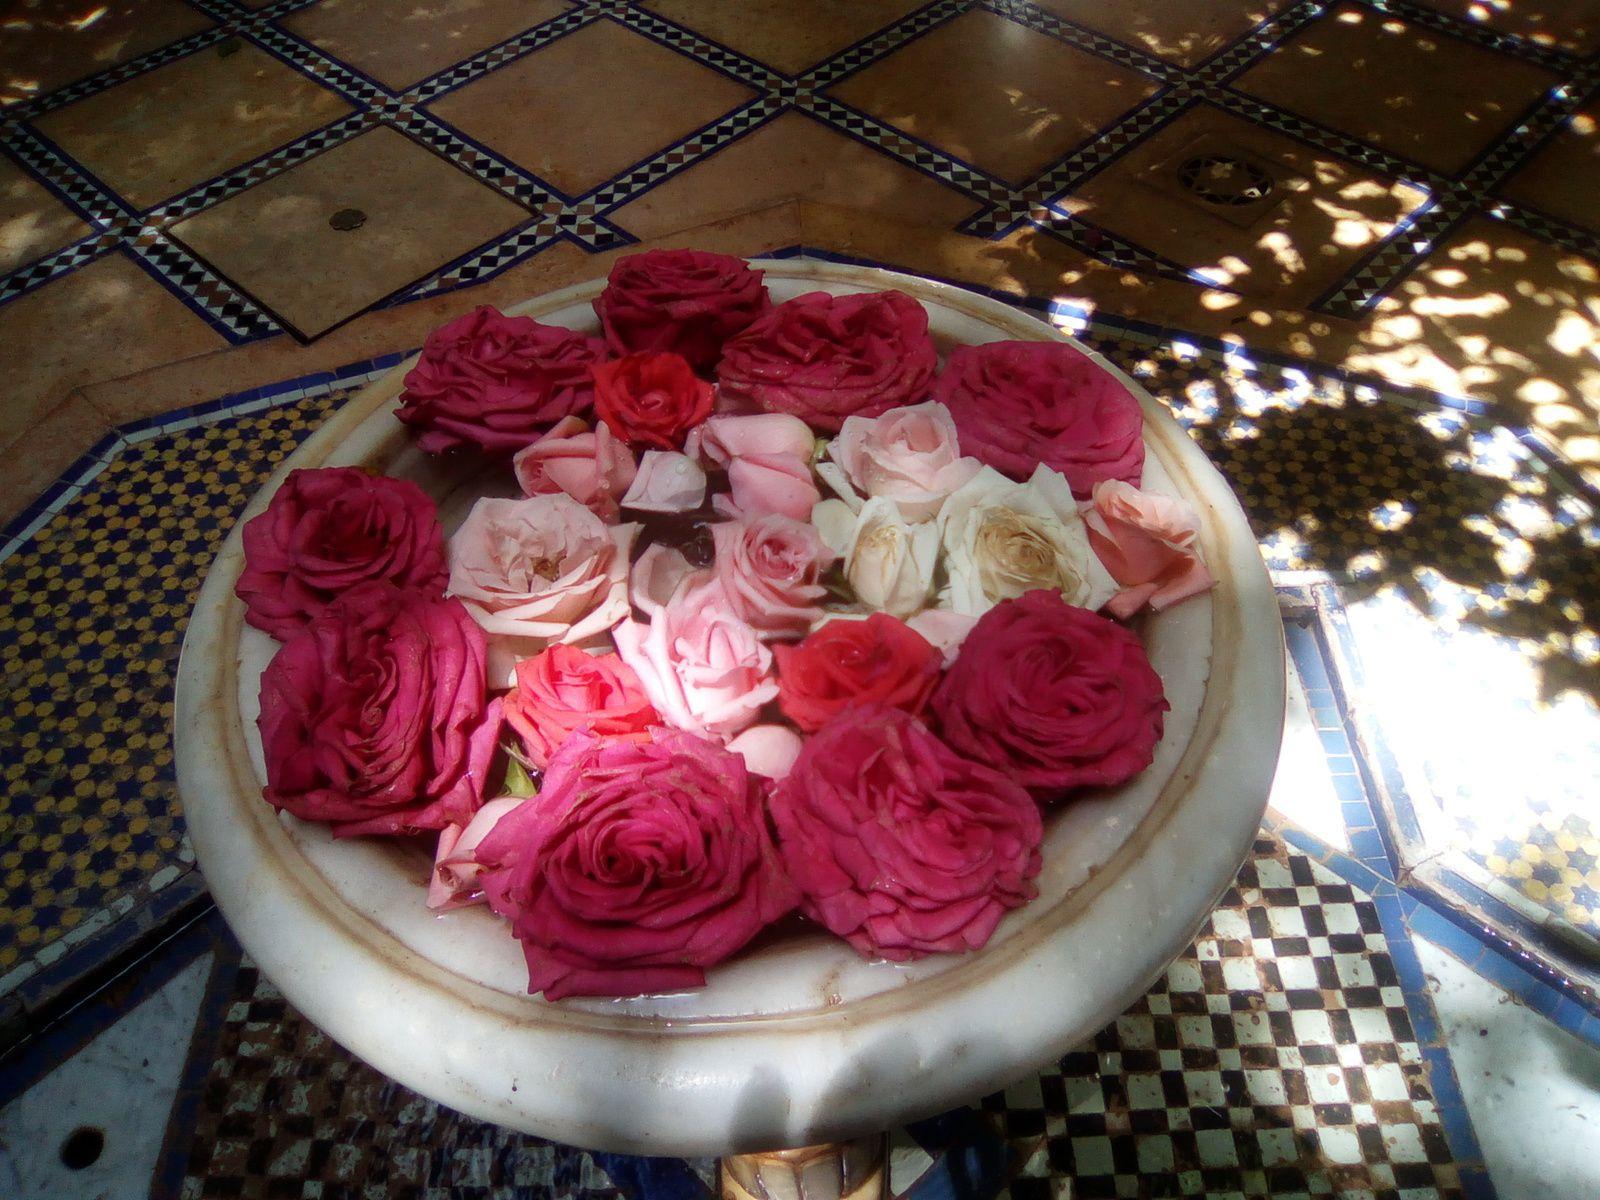 La douceur et la fraîcheur d'un  vrai riad de marocain.Un petit paradis dans cette ville bruyante